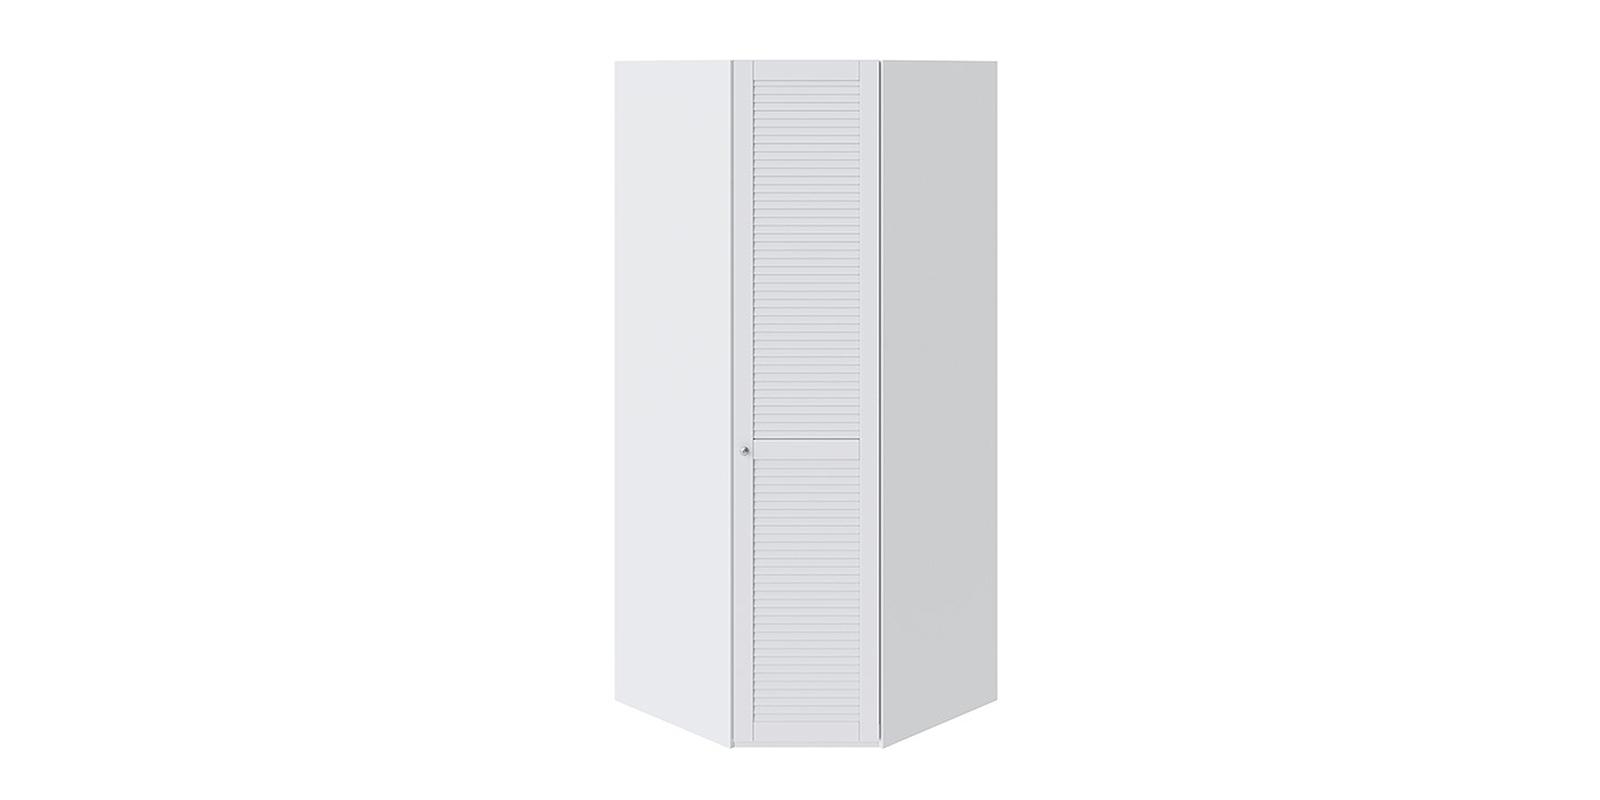 Шкаф распашной угловой Мерида вариант №4 правый (белый)